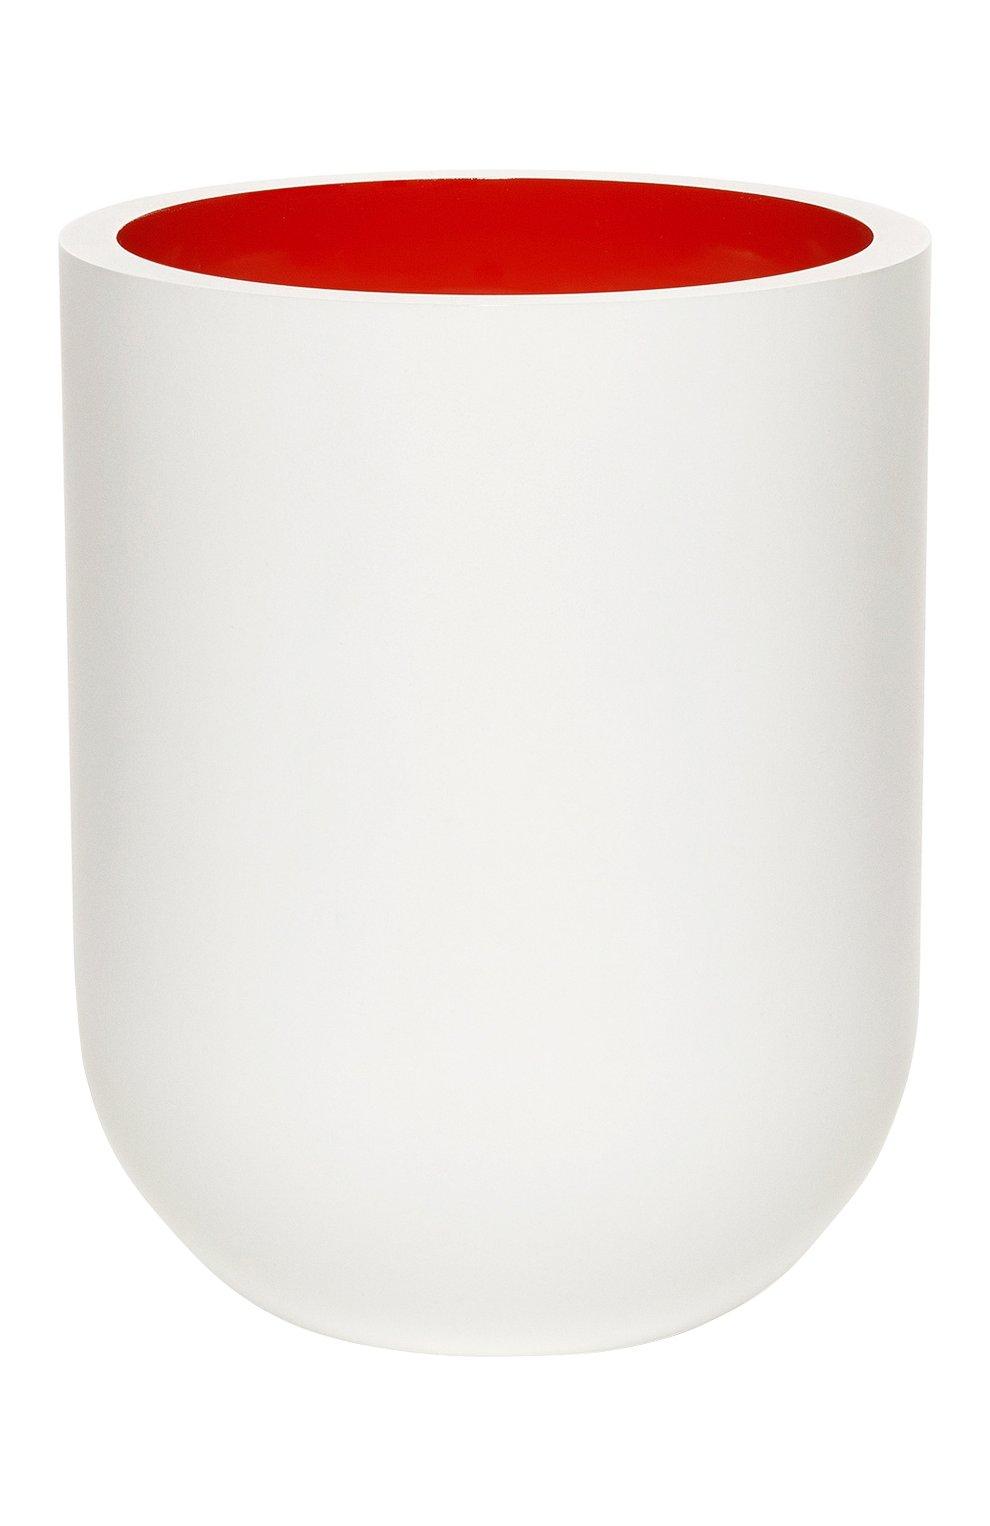 Мужская парфюмерная свеча country home scented FREDERIC MALLE бесцветного цвета, арт. 3700135012950 | Фото 1